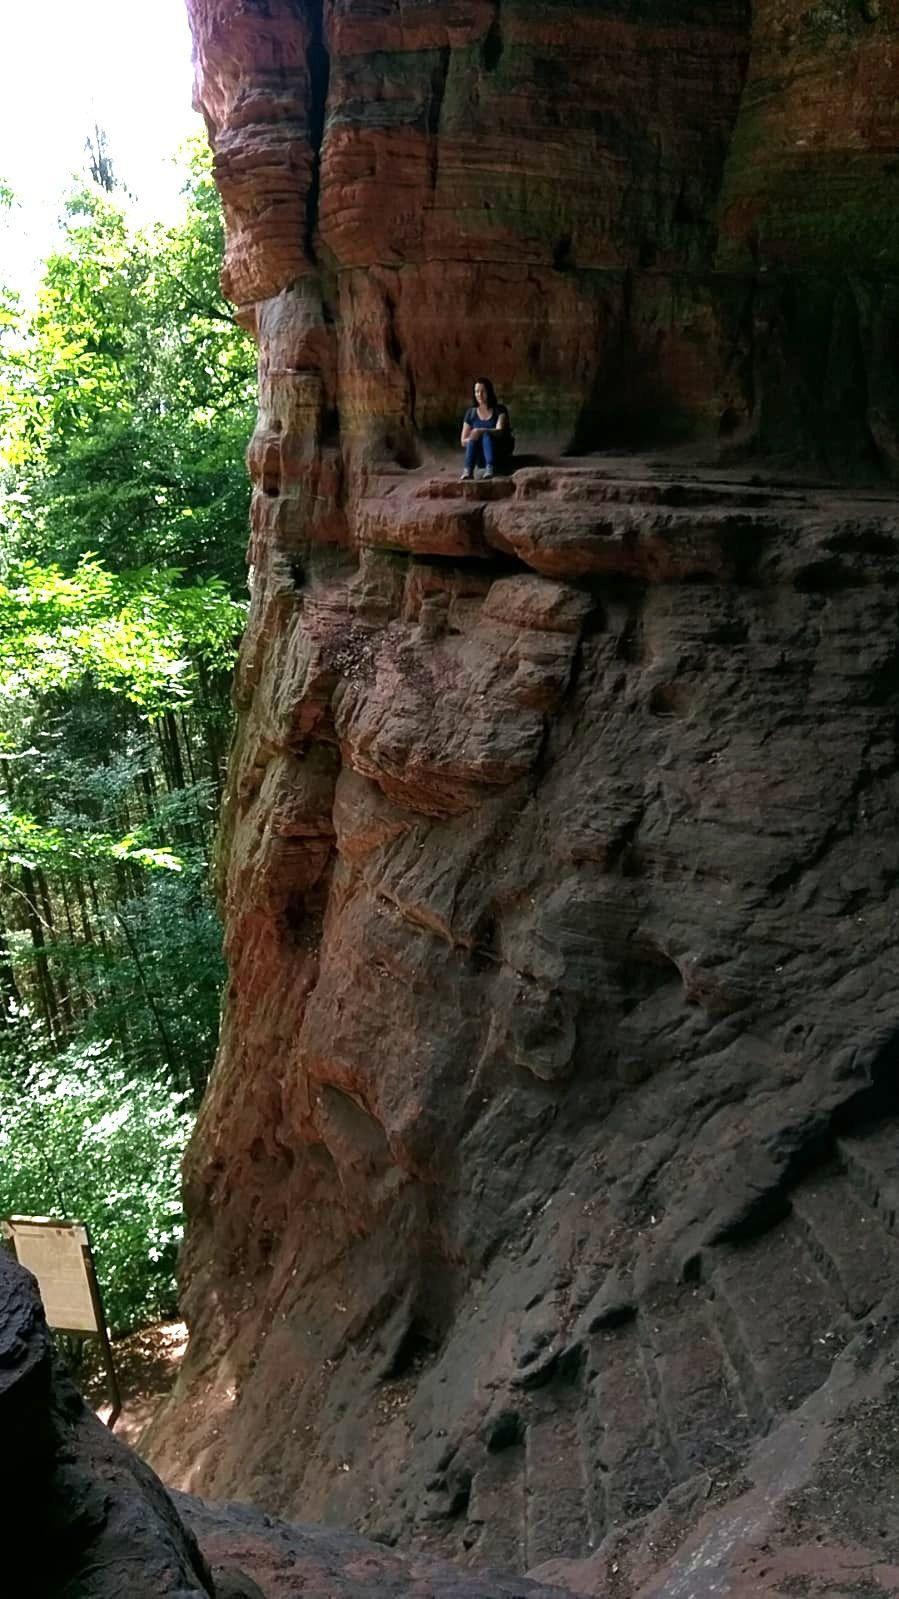 Von Zauberwäldern und geheimnisvollen Höhlen – Wandern auf dem Römerpfad #naturallandmarks